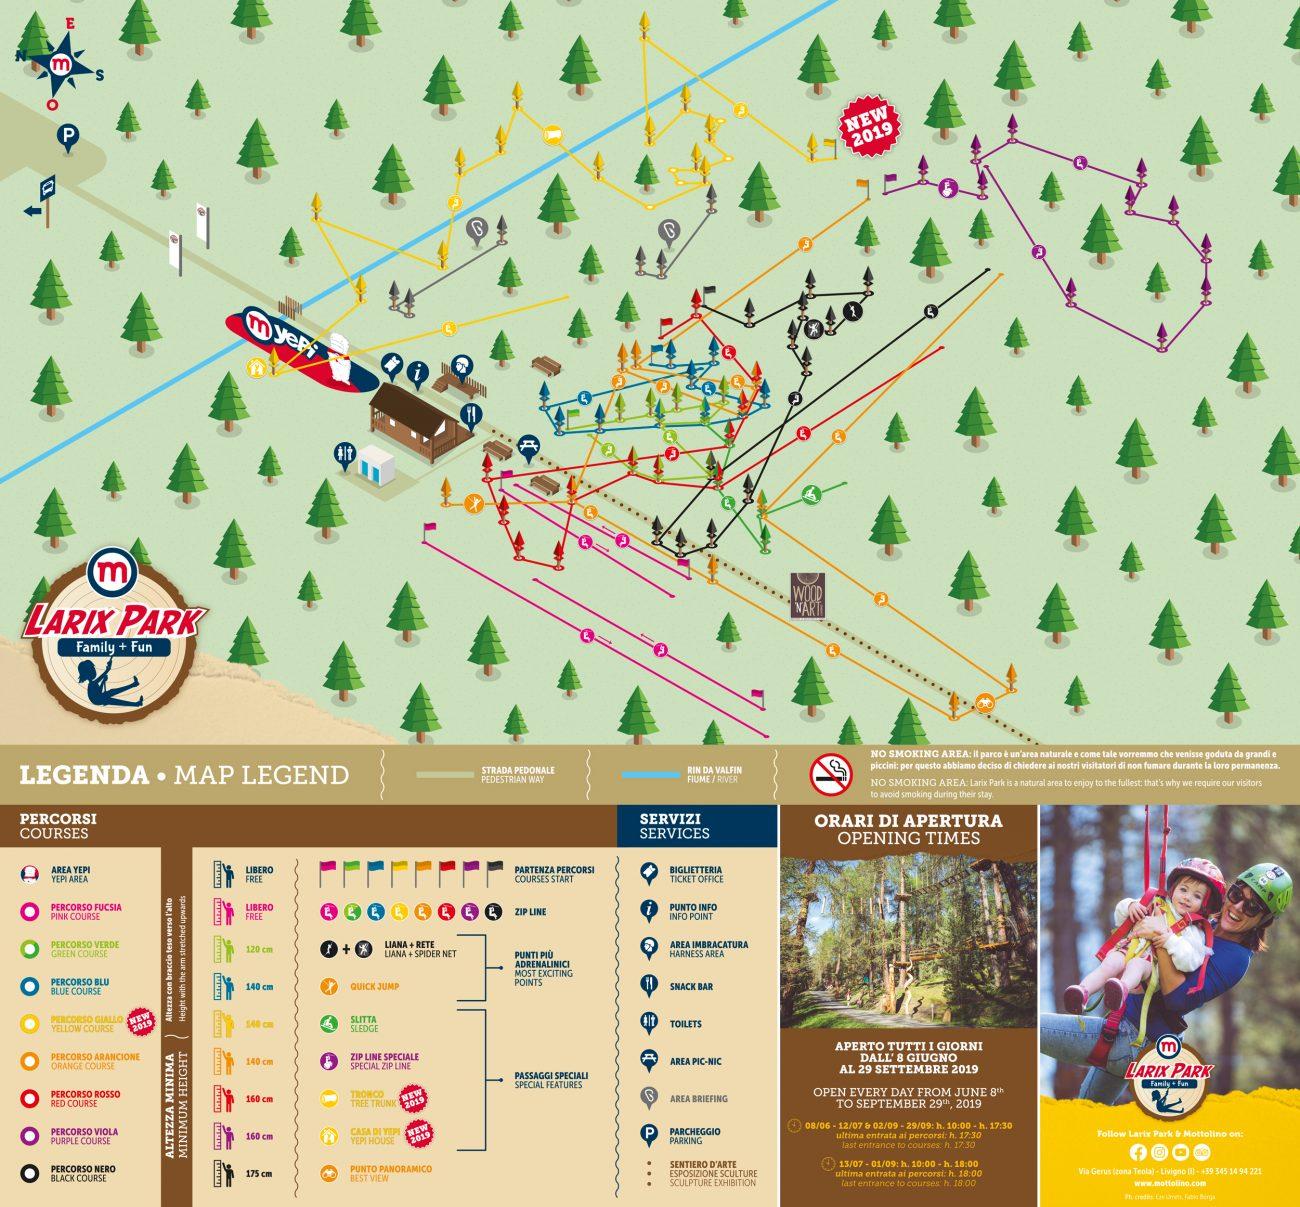 Mappa dei percorsi del Larix Park 2019 Livigno